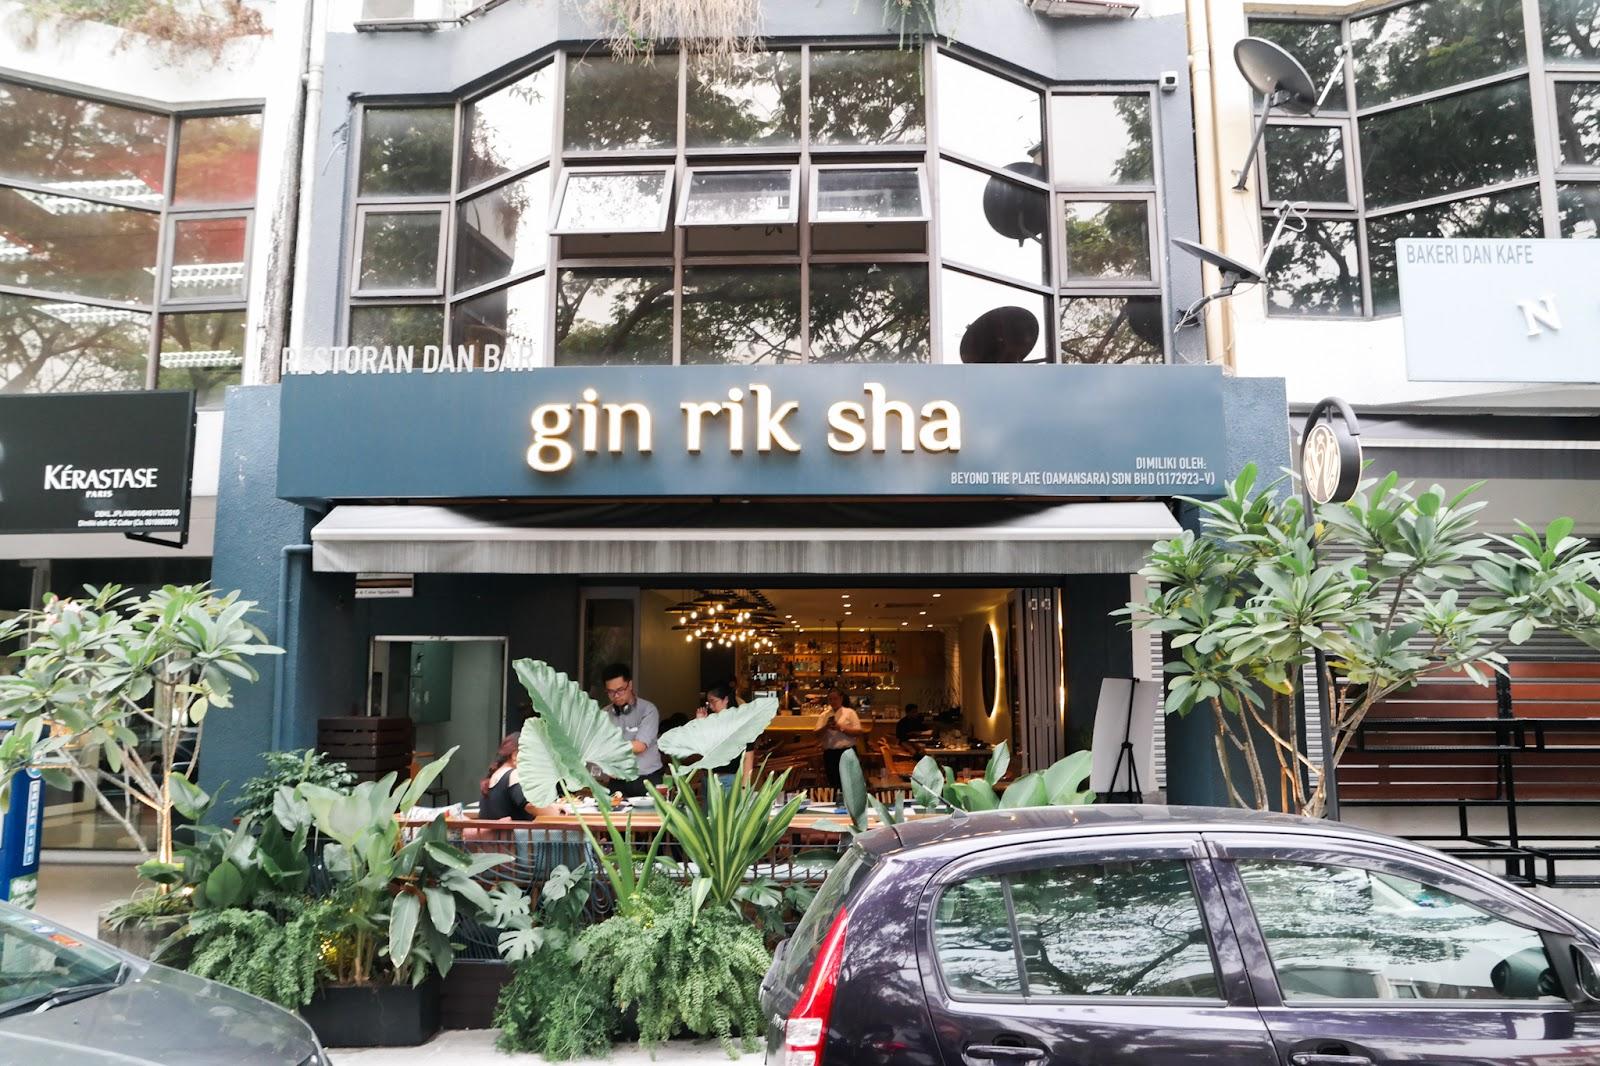 Gin Rik Sha shop front